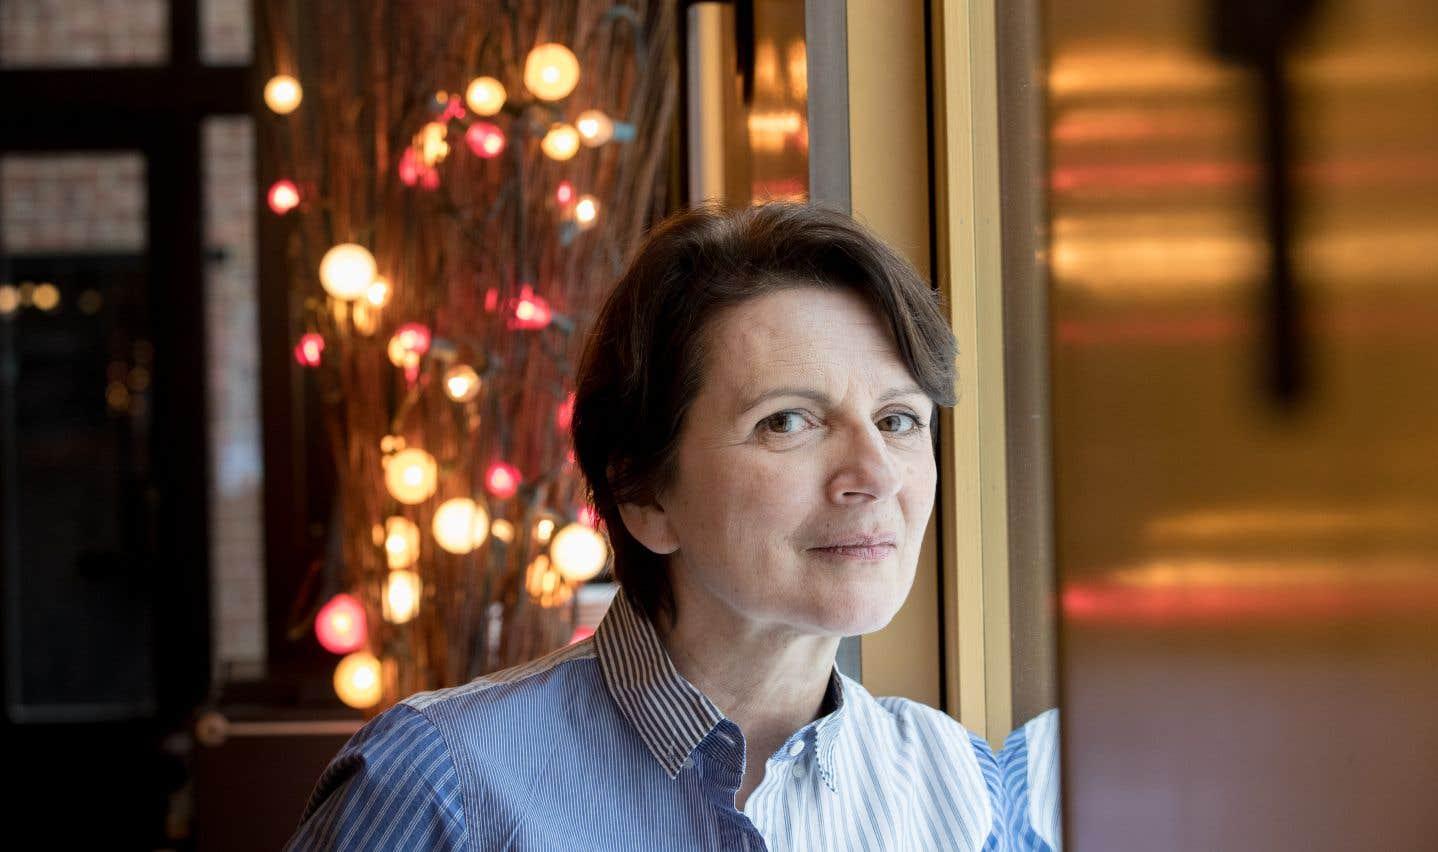 Au fil des ans, Marie-Thérèse Fortin a plusieurs fois ressorti son montage (et non son adaptation, tient-elle à préciser) de «La détresse et l'enchantement», toujours pour le peaufiner.